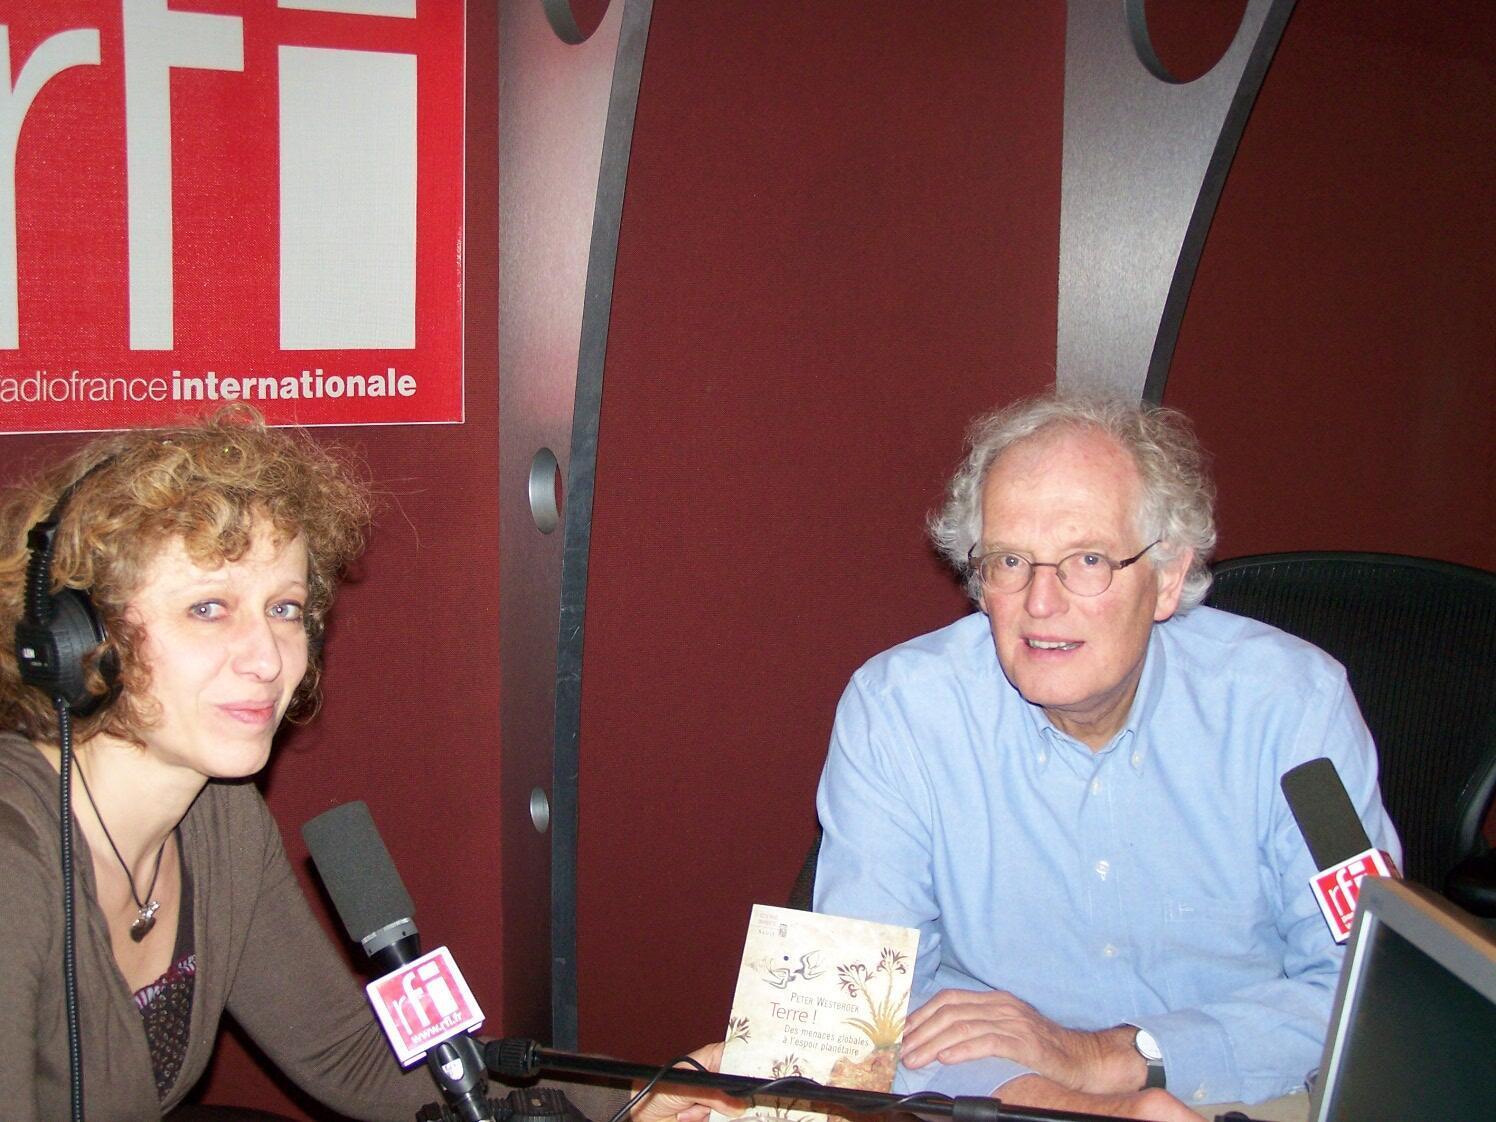 Peter Westbroek